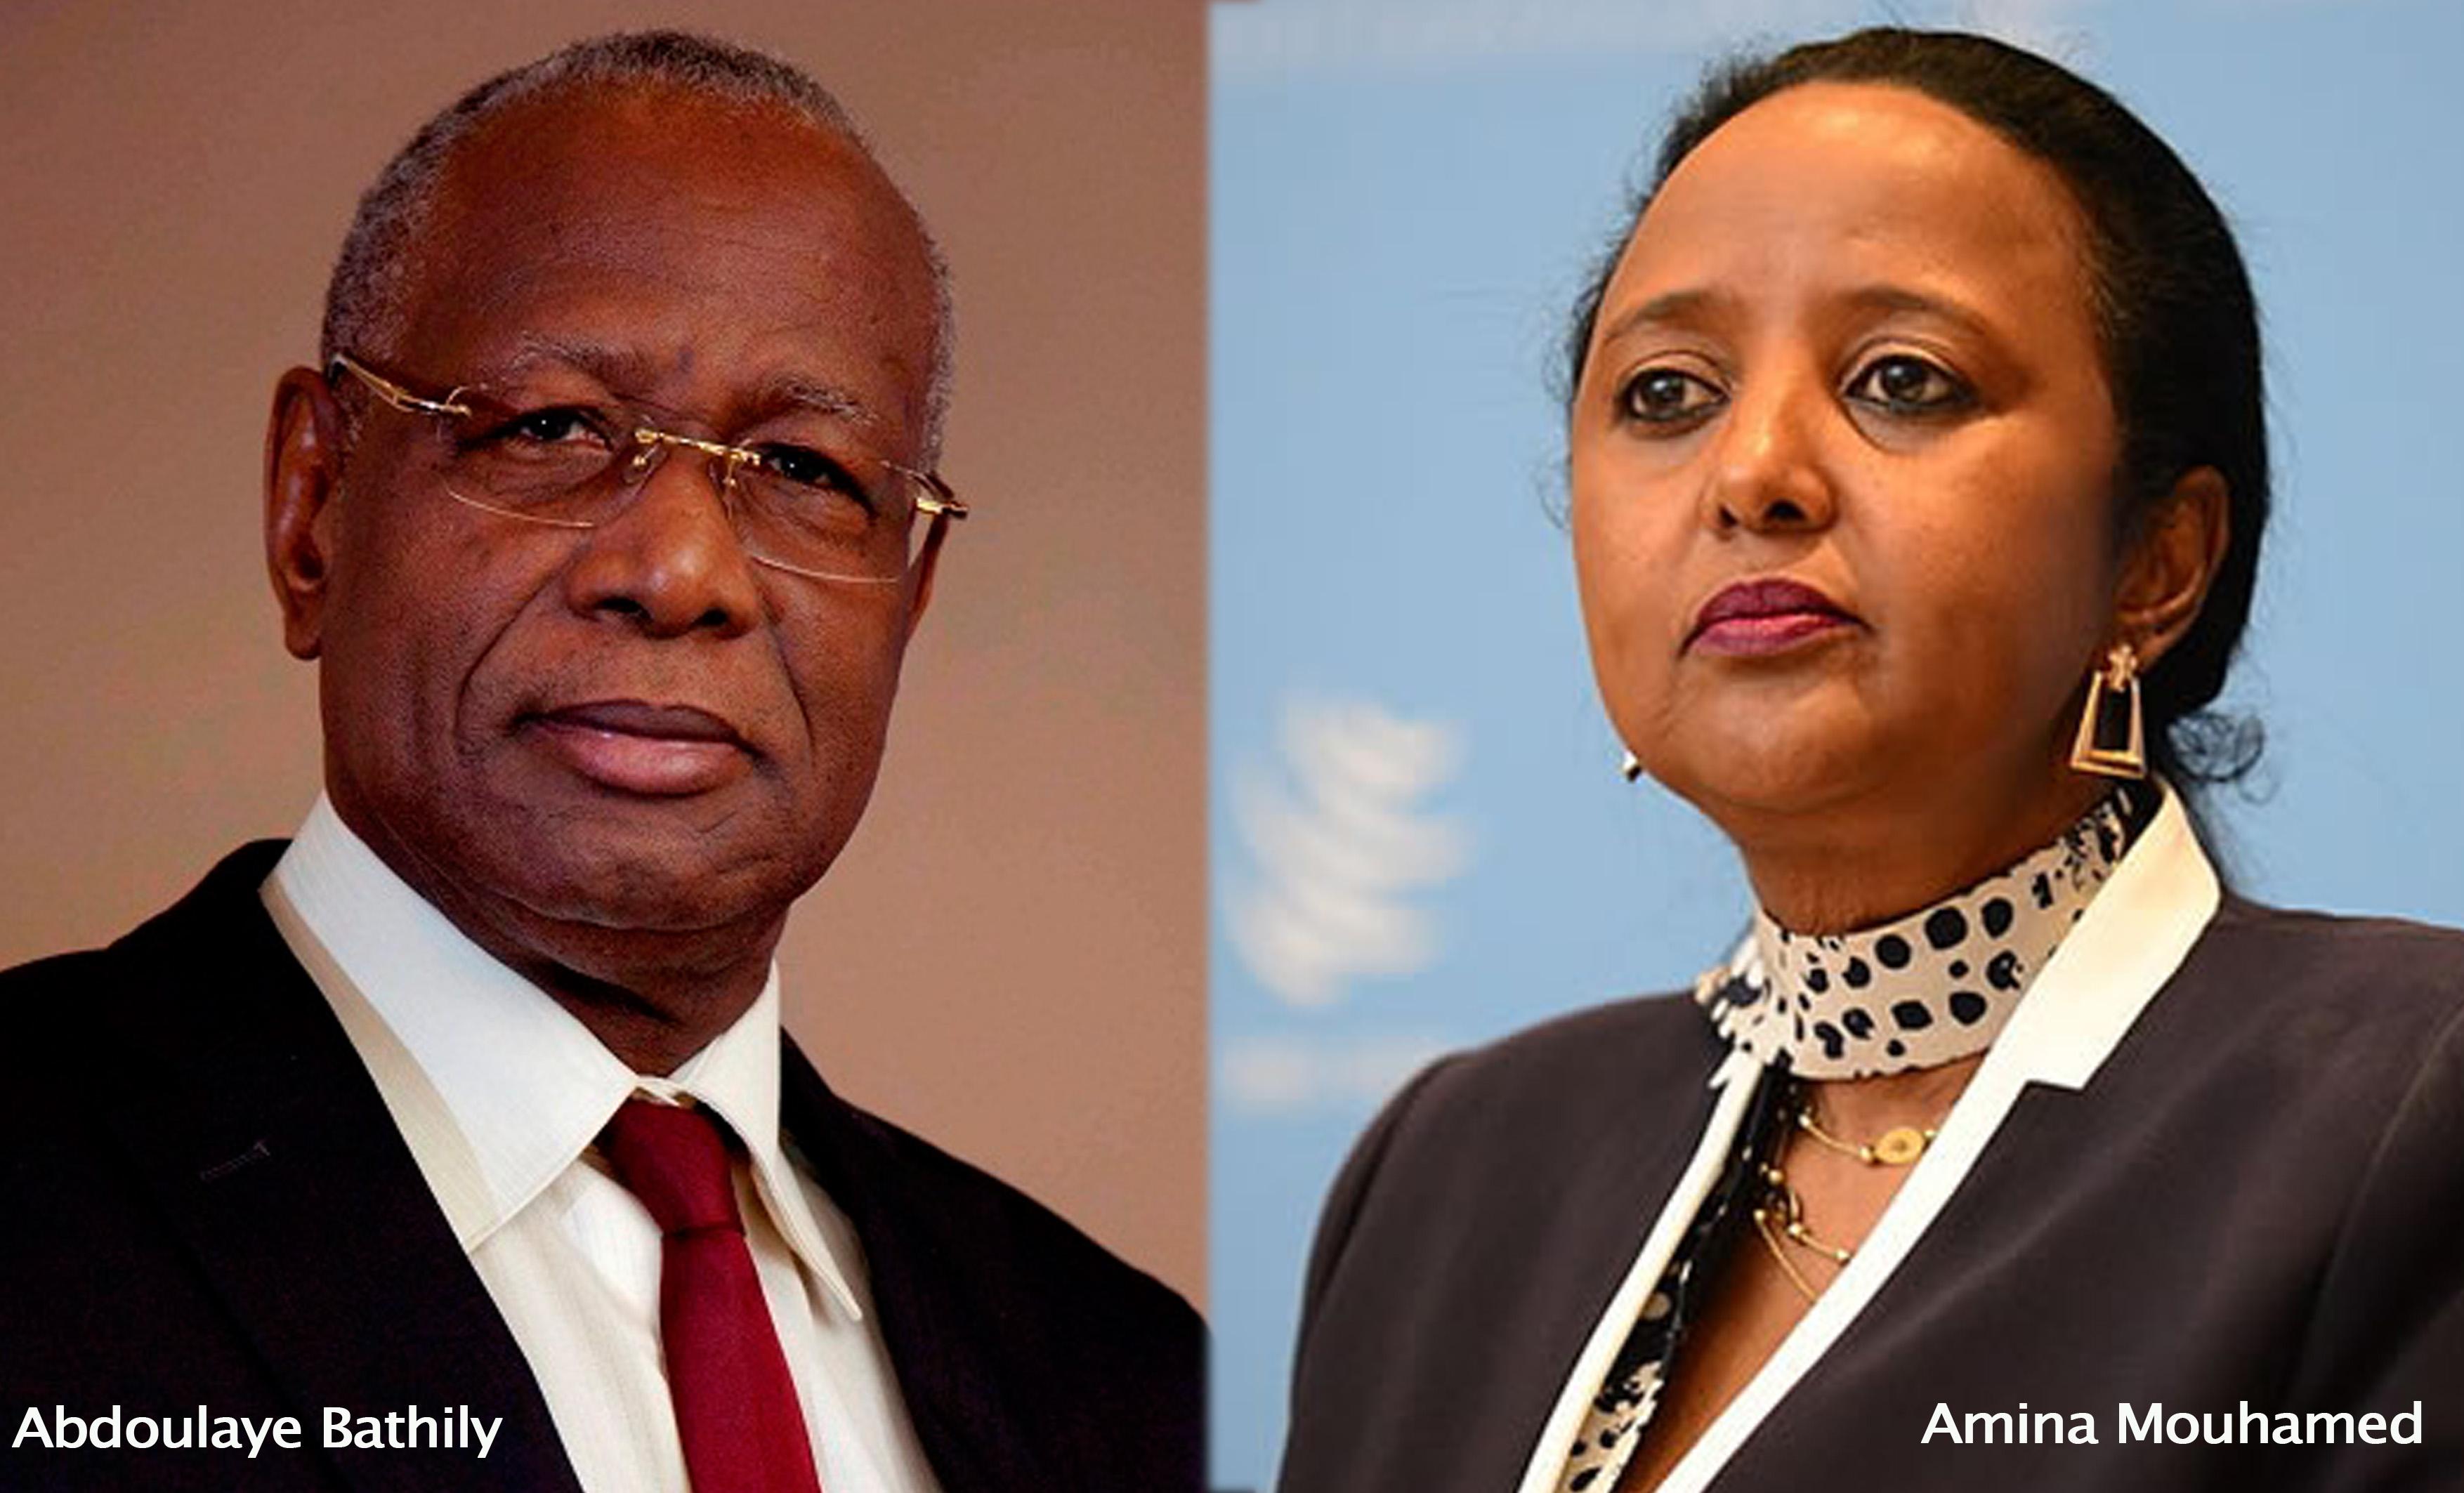 Présidence de la Commission : L'Union africaine organise un débat entre les 5 candidats